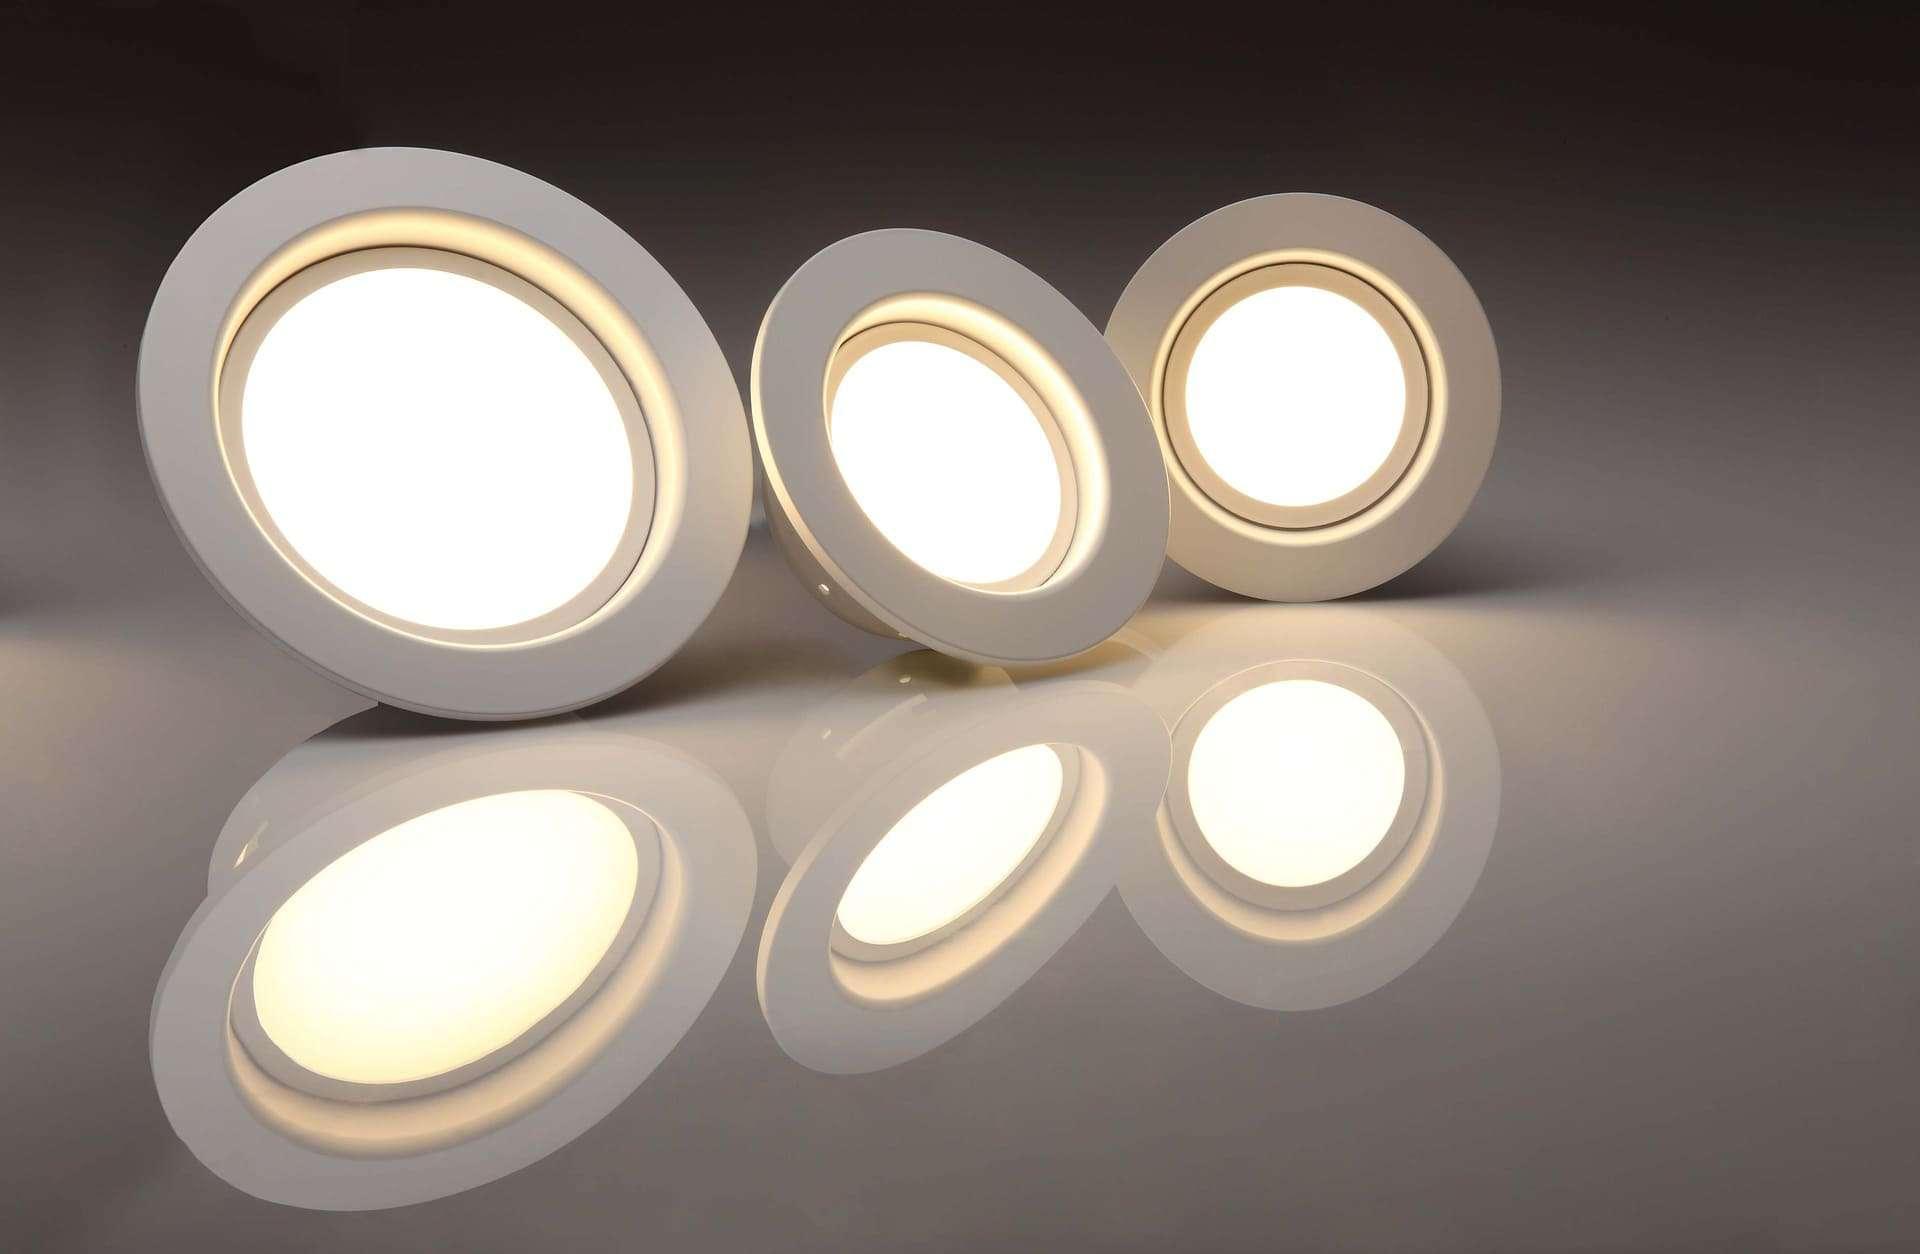 LED-Leuchtmittel: Test & Empfehlungen (10/20)